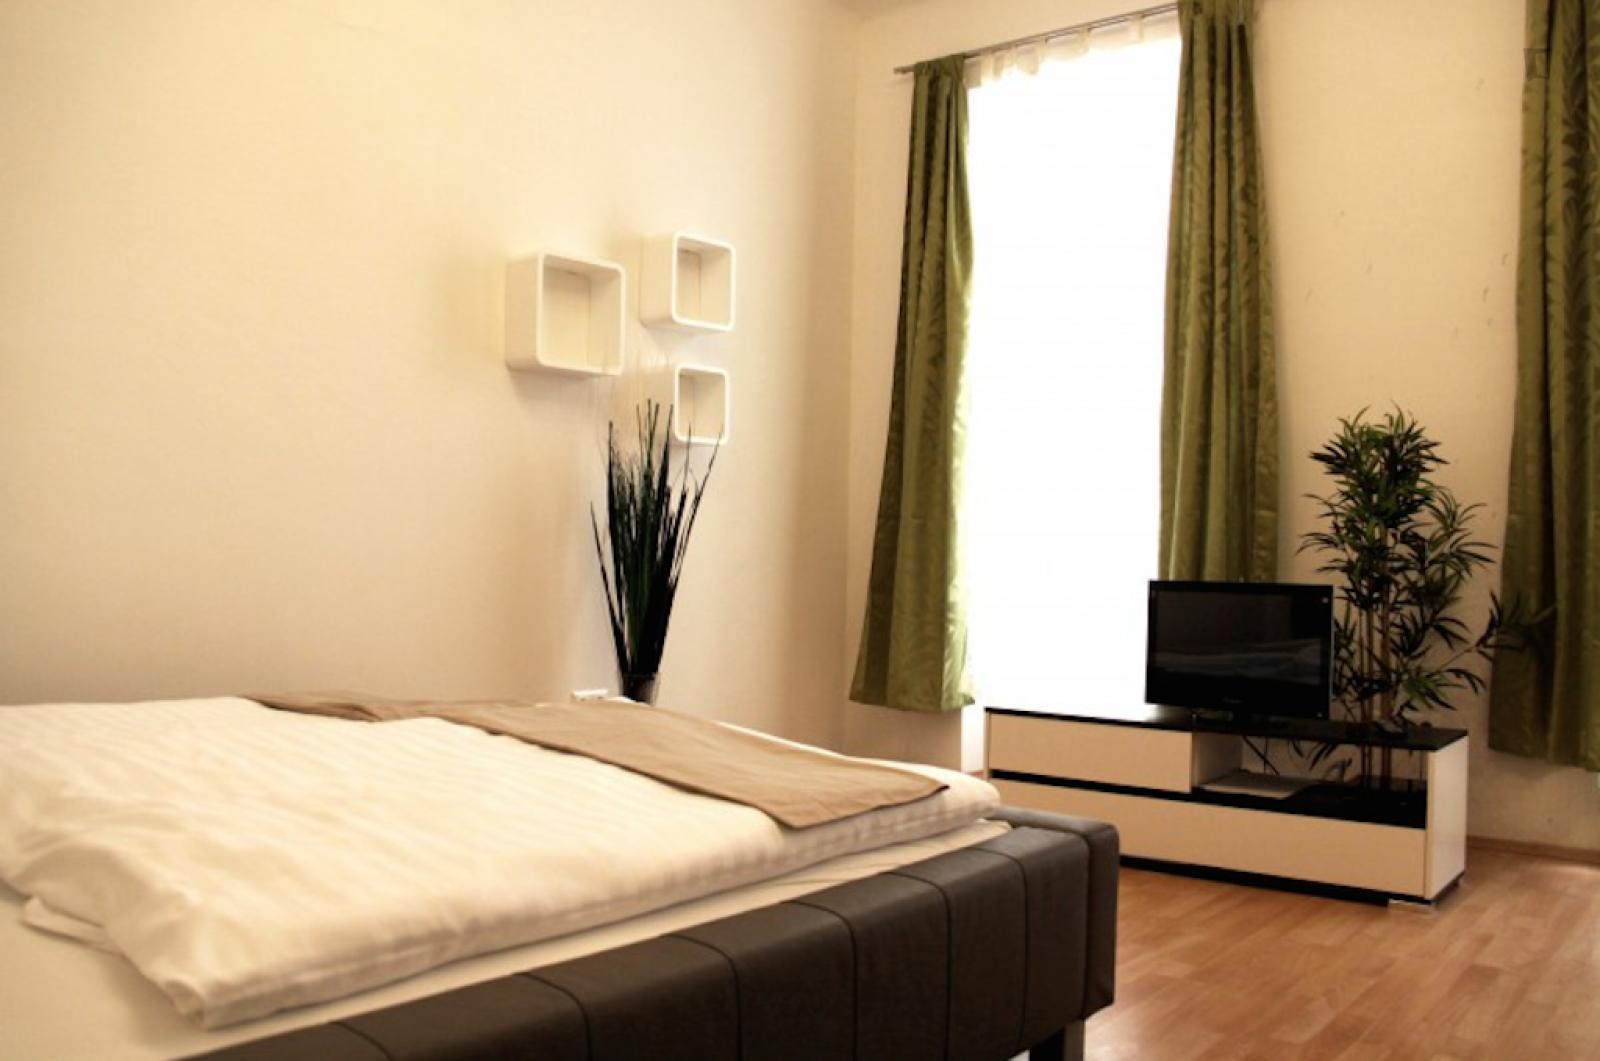 Haberlgasse, Ottakring, AT-9 - 1,350 EUR/ month